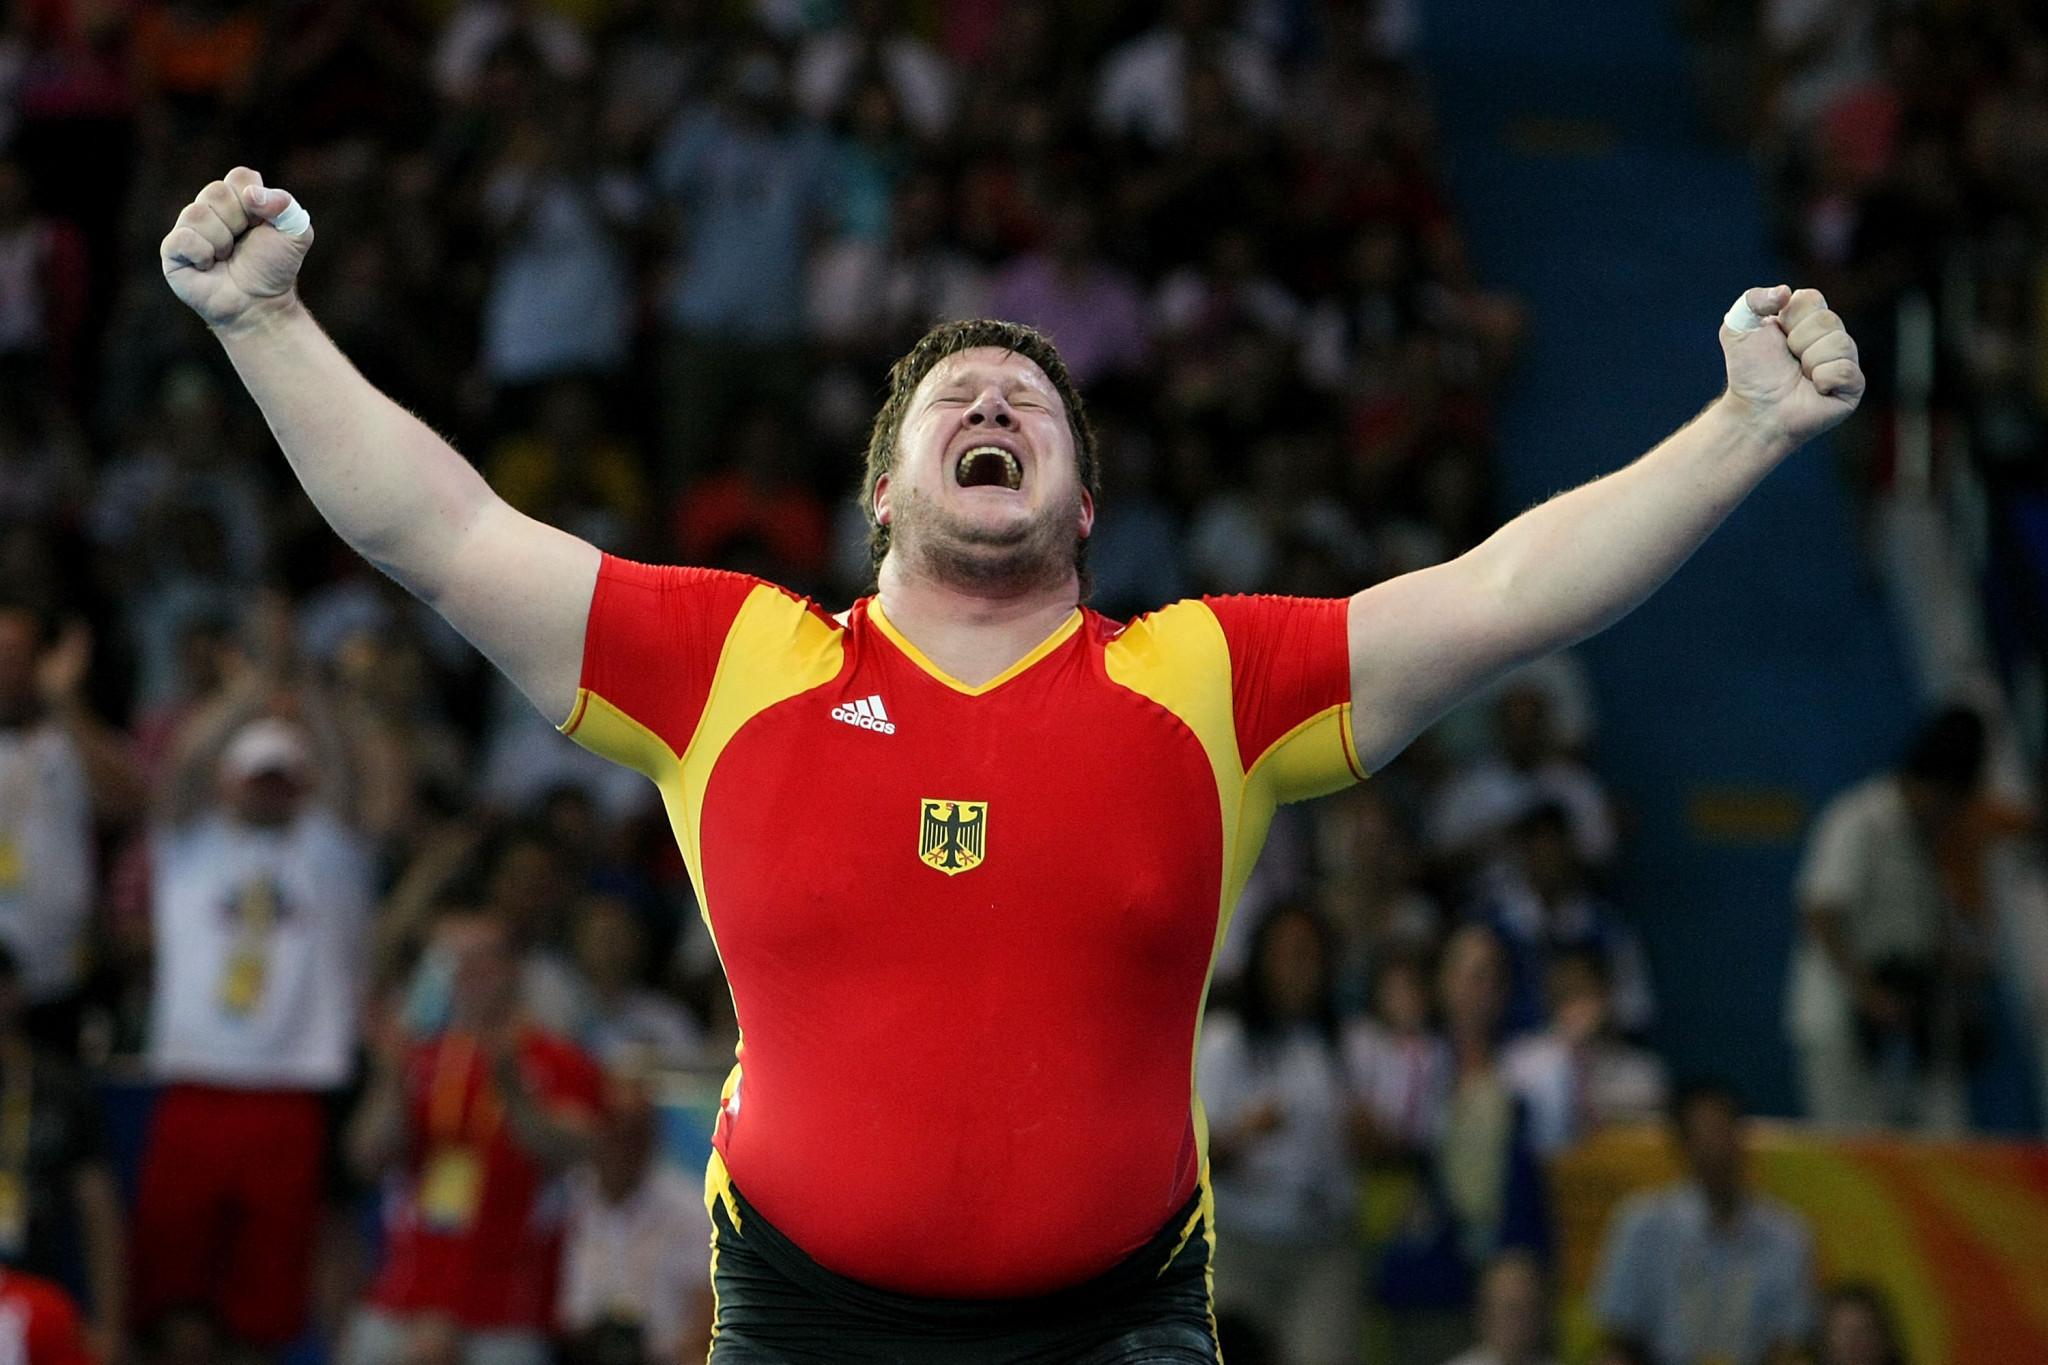 Beijing 2008 super-heavyweight gold medallist Matthias Steiner has called on